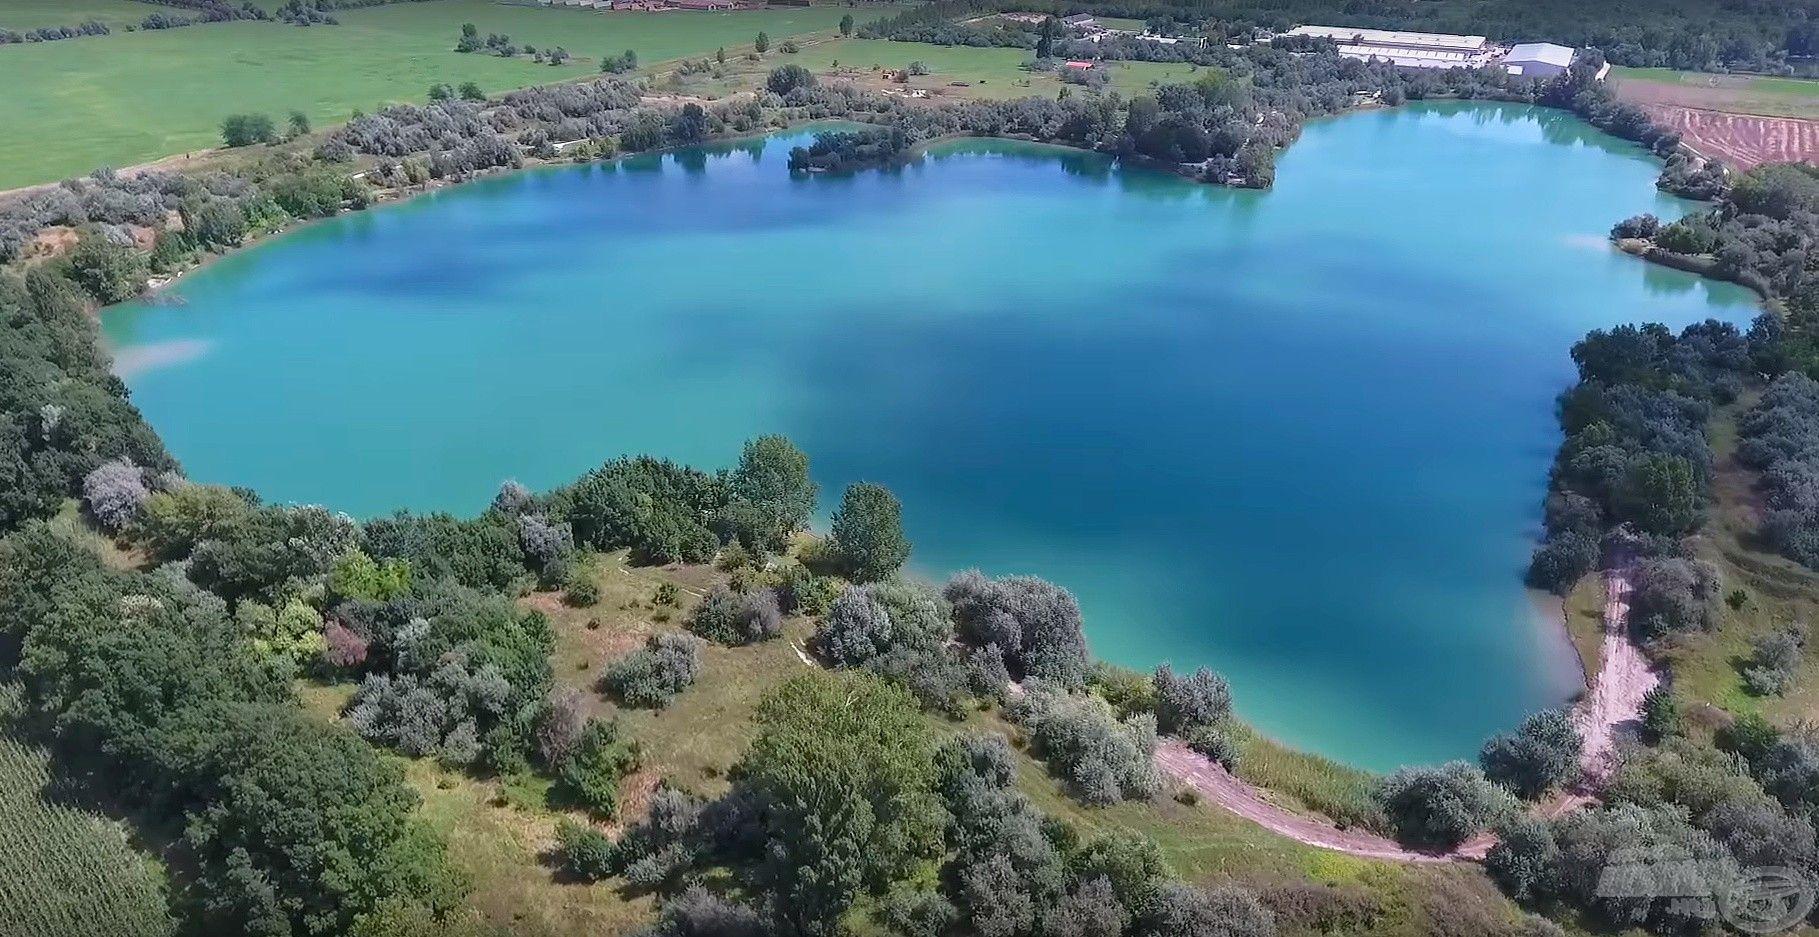 Horgászatom helyszíne ezúttal a Dabasi kavicsbánya tó volt